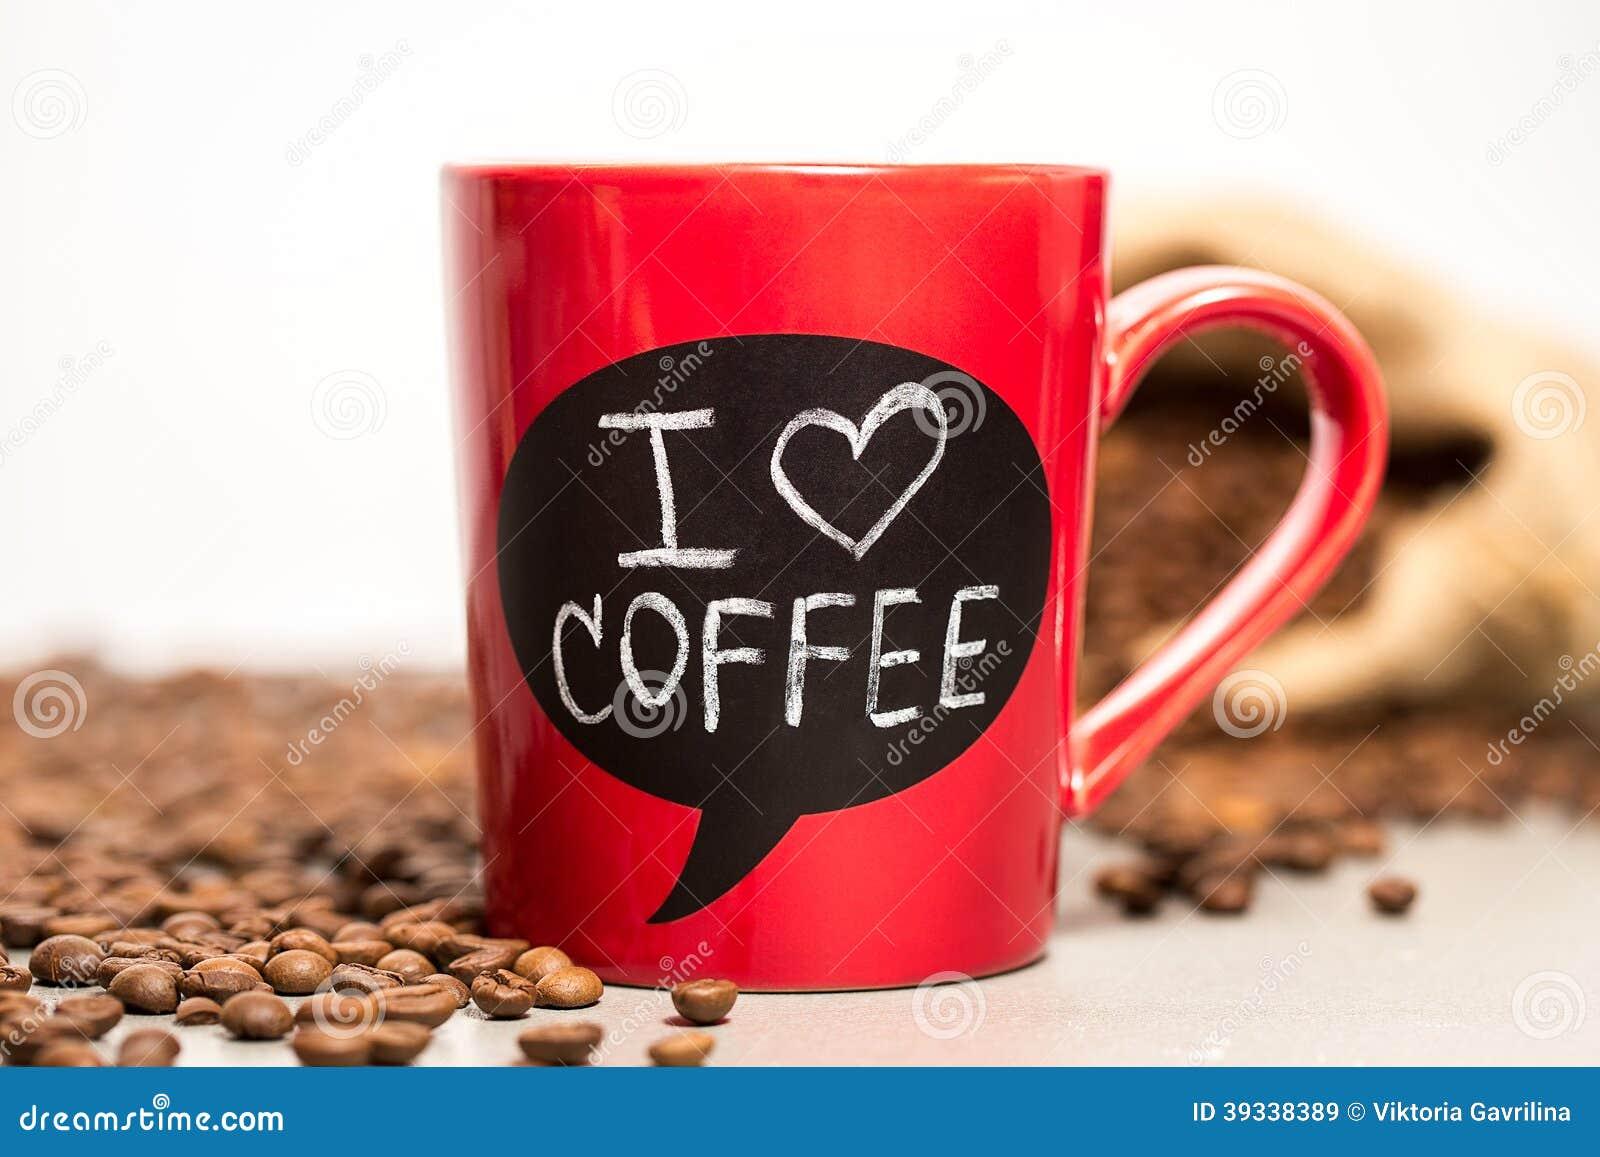 用_有i爱用白垩做的咖啡标志的红色陶瓷杯子.